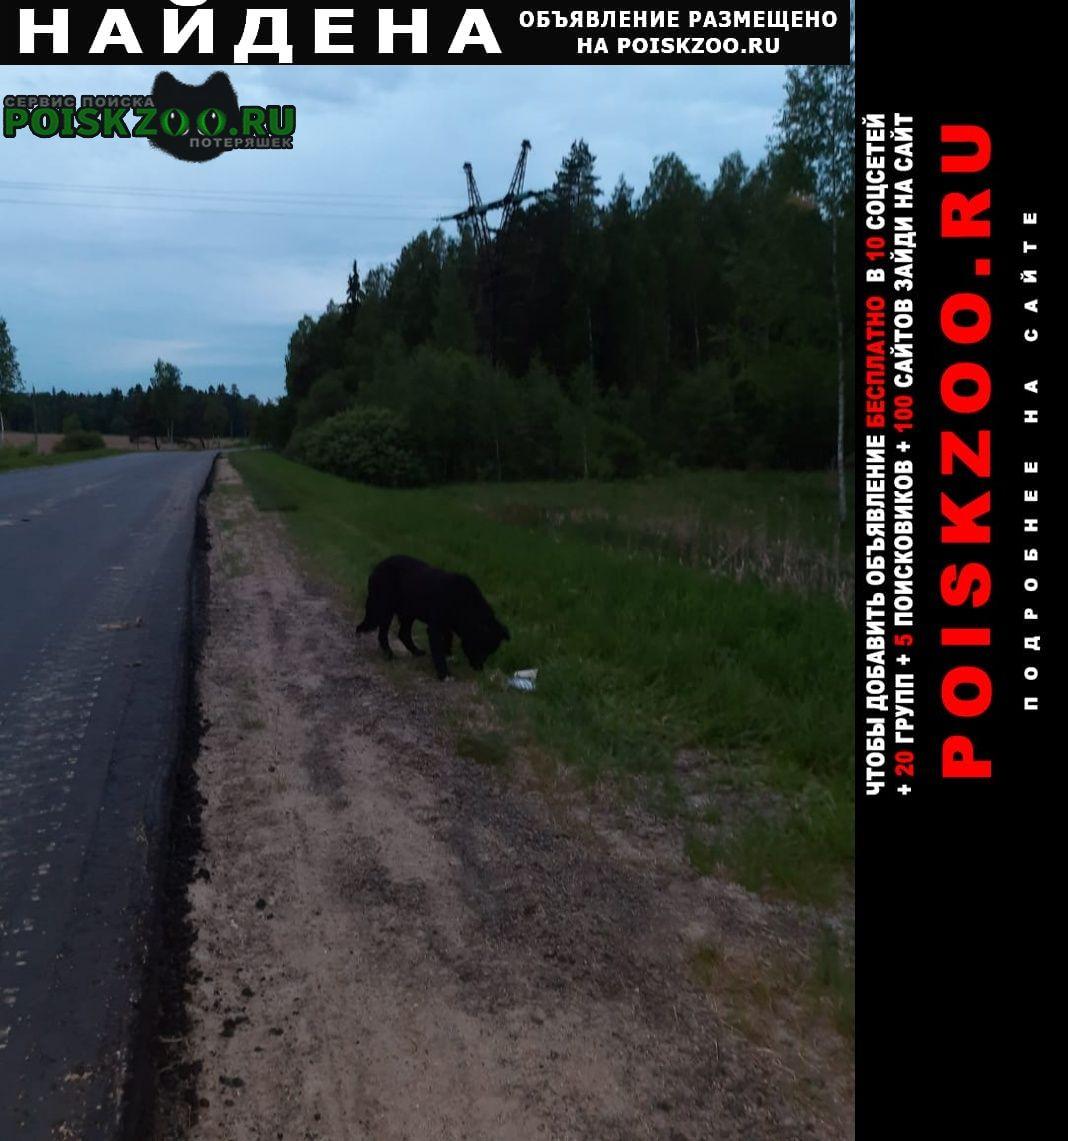 Найдена собака кобель чёрный с белой грудкой Ступино